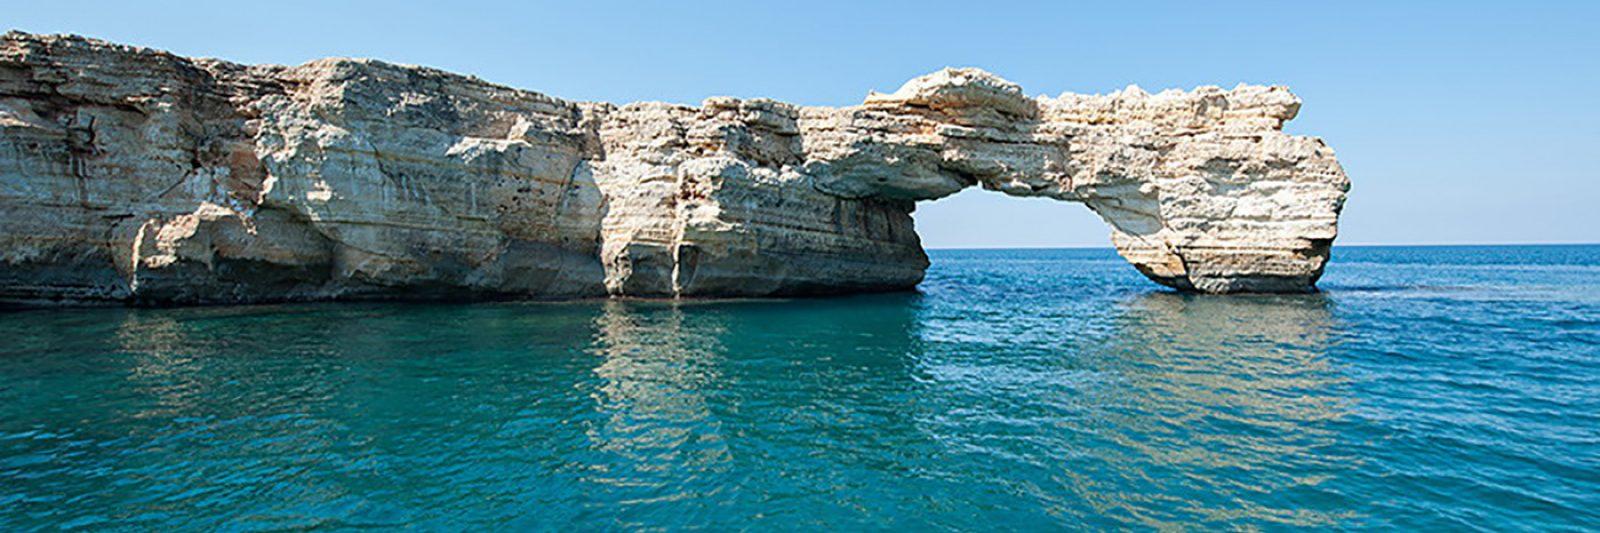 Ρέθυμνο Σπηλιές Πάνορμο Μπαλί